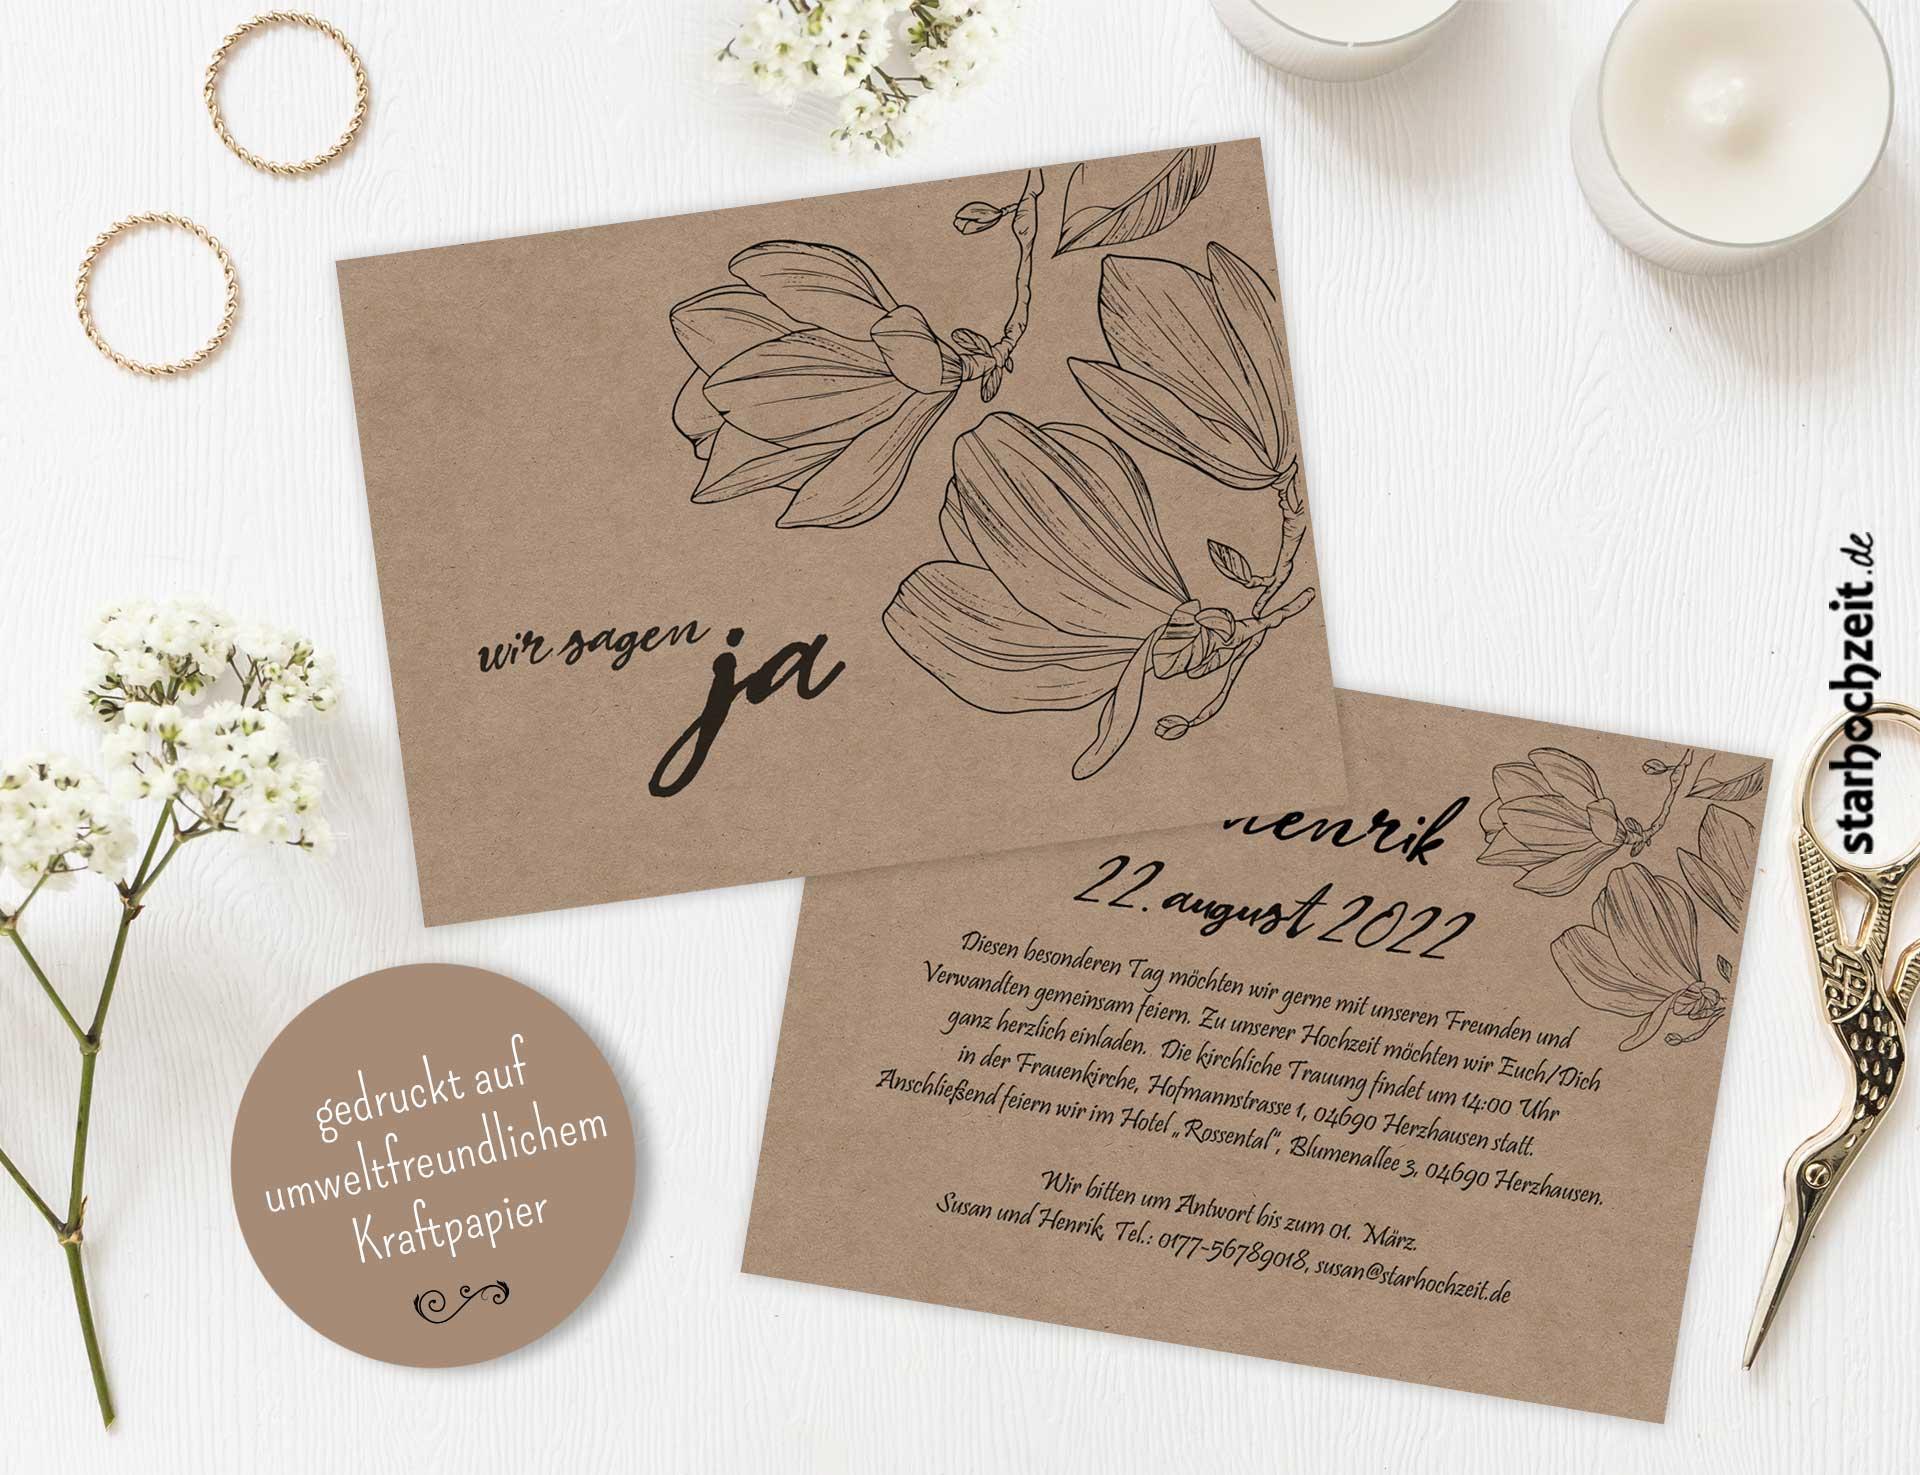 Wir sagen ja Hochzeitskarte auch mit Foto möglich! Einladung zur Hochzeit